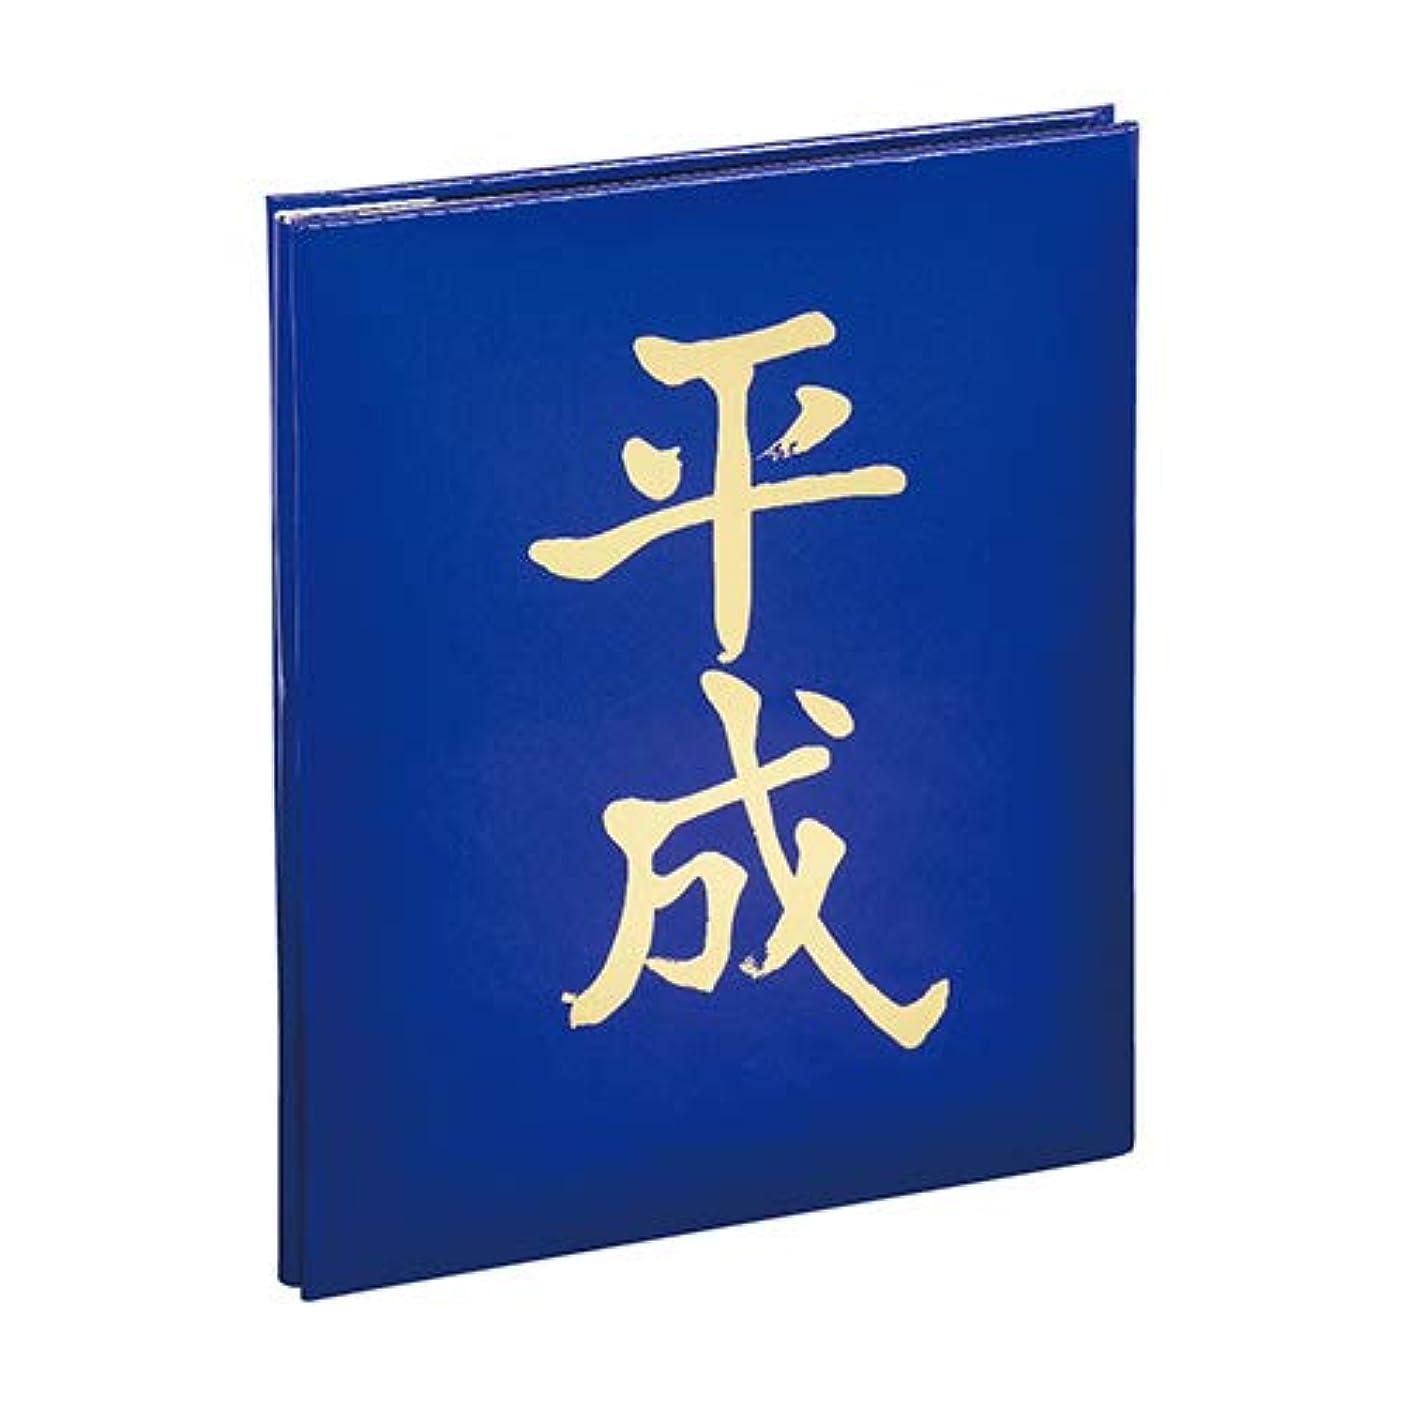 結論まもなく表示ブック式フエルアルバム/平成アルバム/A4 A-HEYA4P-B